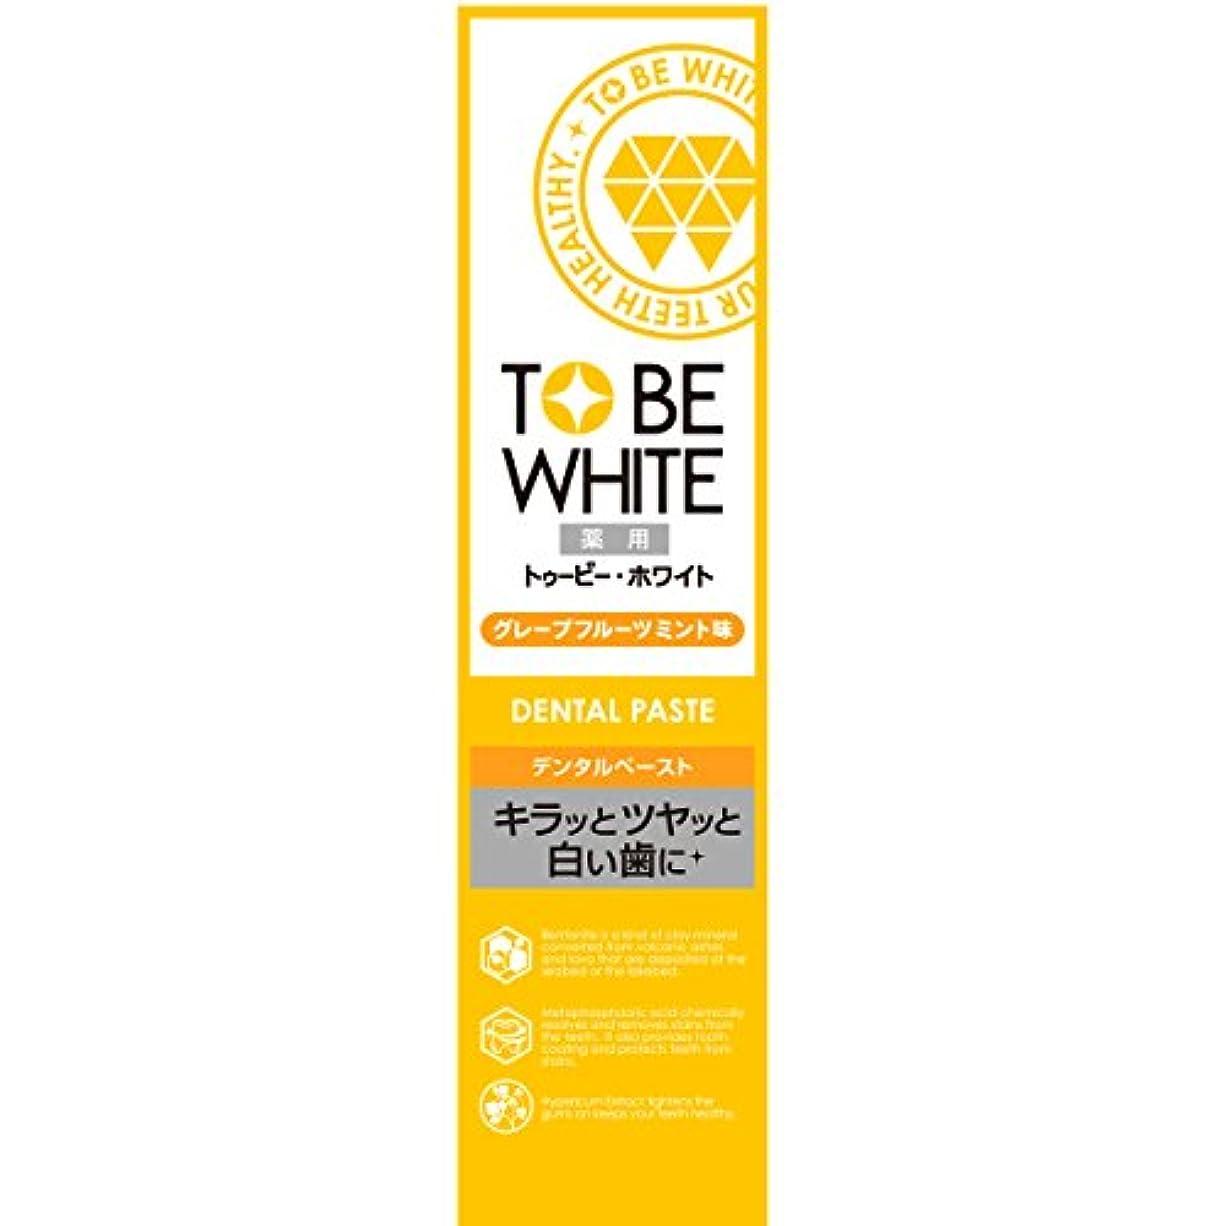 かどうか繰り返し遅いトゥービー?ホワイト 薬用 ホワイトニング ハミガキ粉 グレープフルーツミント 味 60g 【医薬部外品】